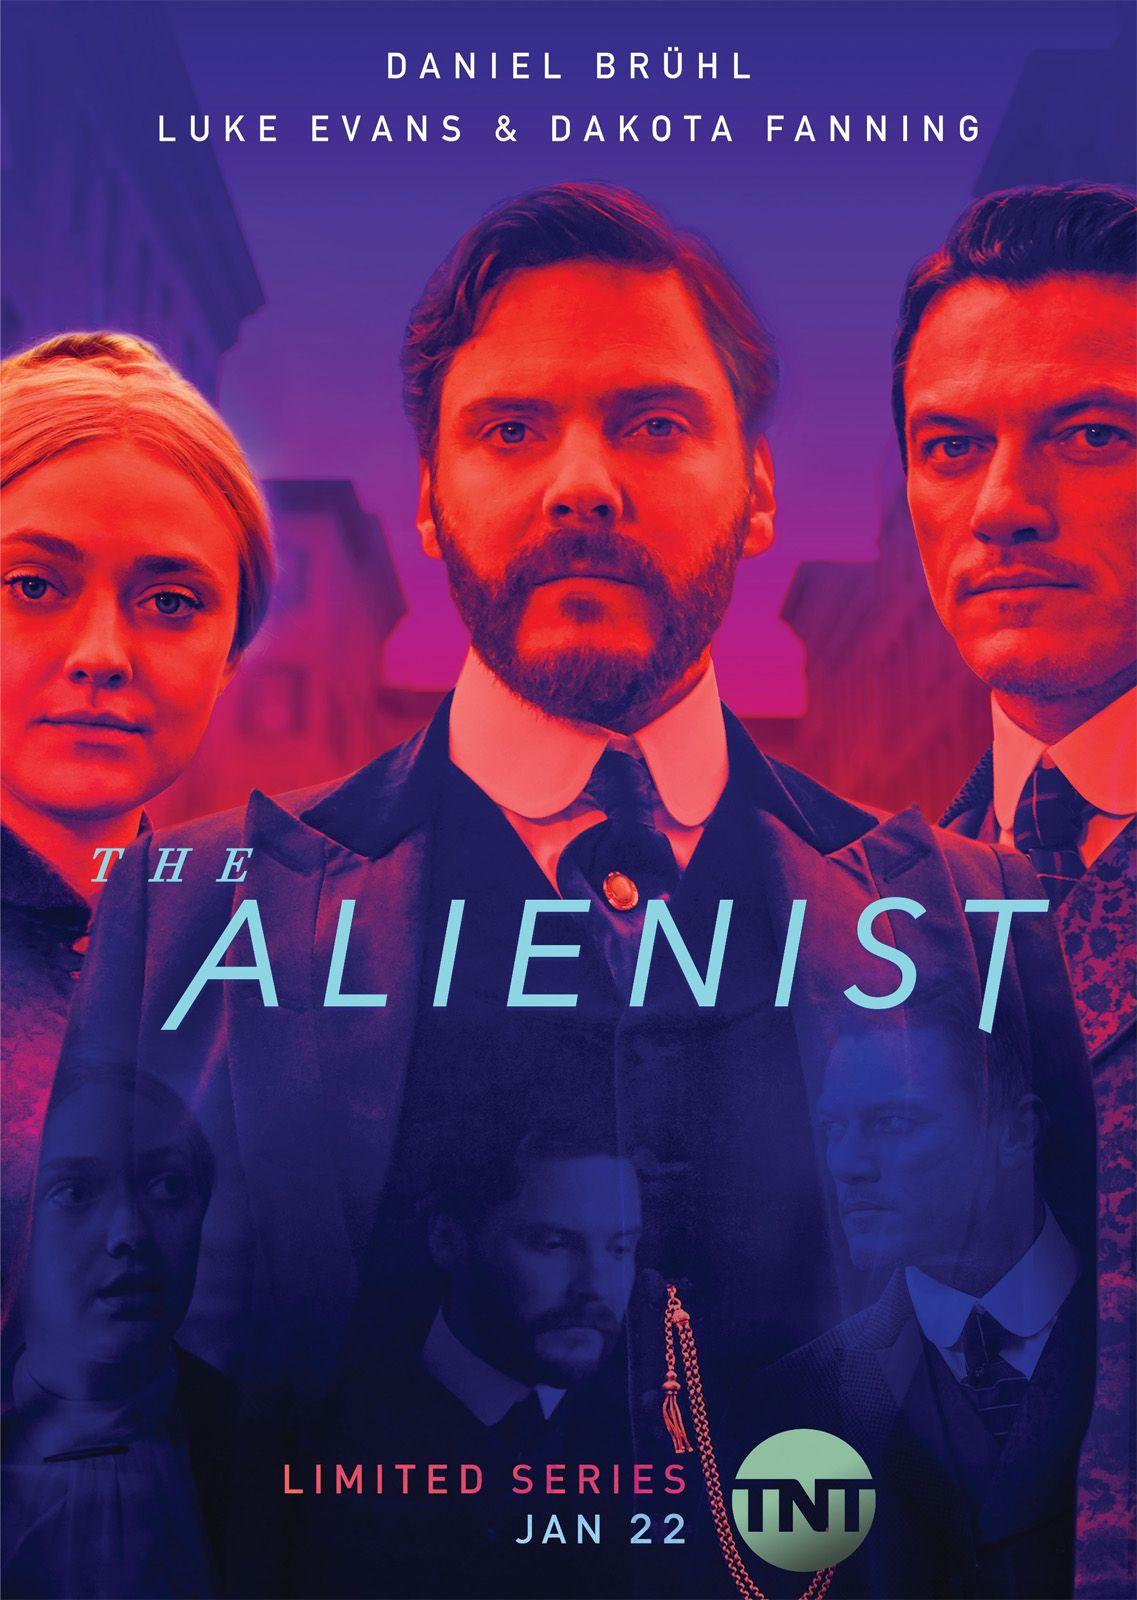 El Alienista T1 10 Ep Filmes Hd Assistir Filmes Completos